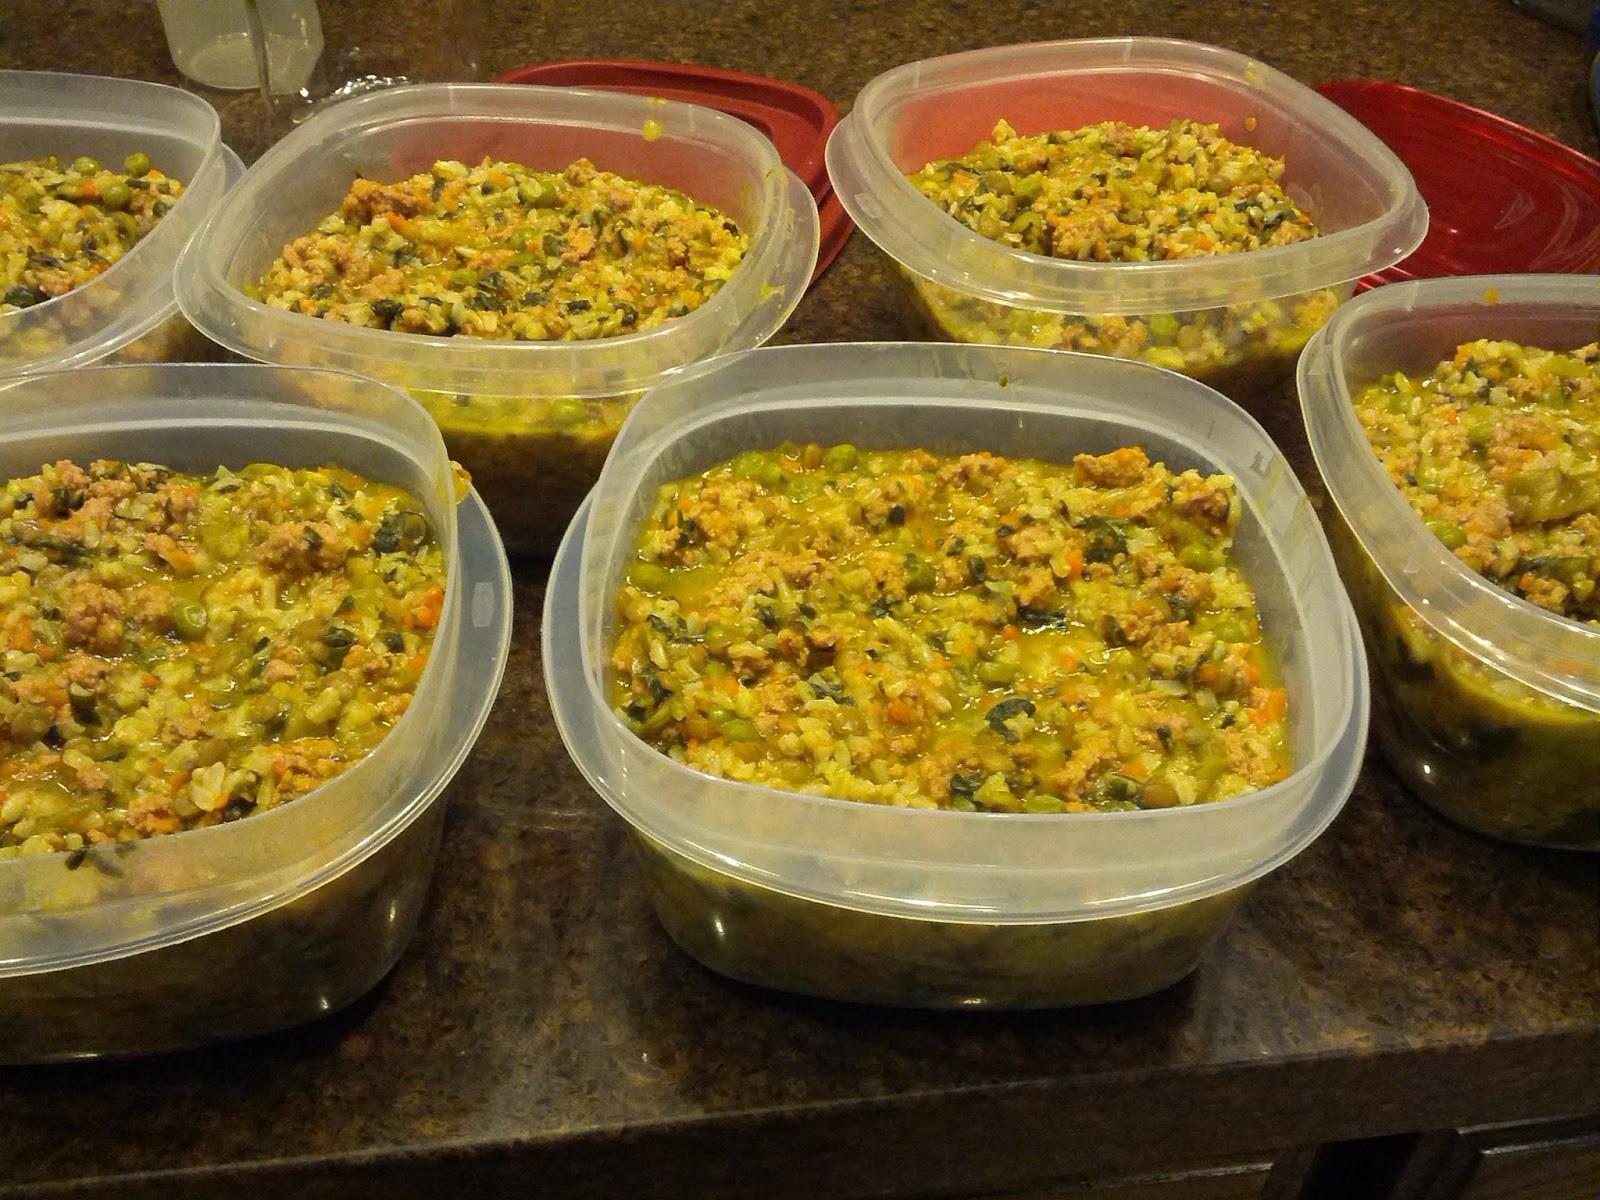 Homemade Vegan Dog Food Recipes  Homemade Kibble Dog Food Recipes Homemade Ftempo